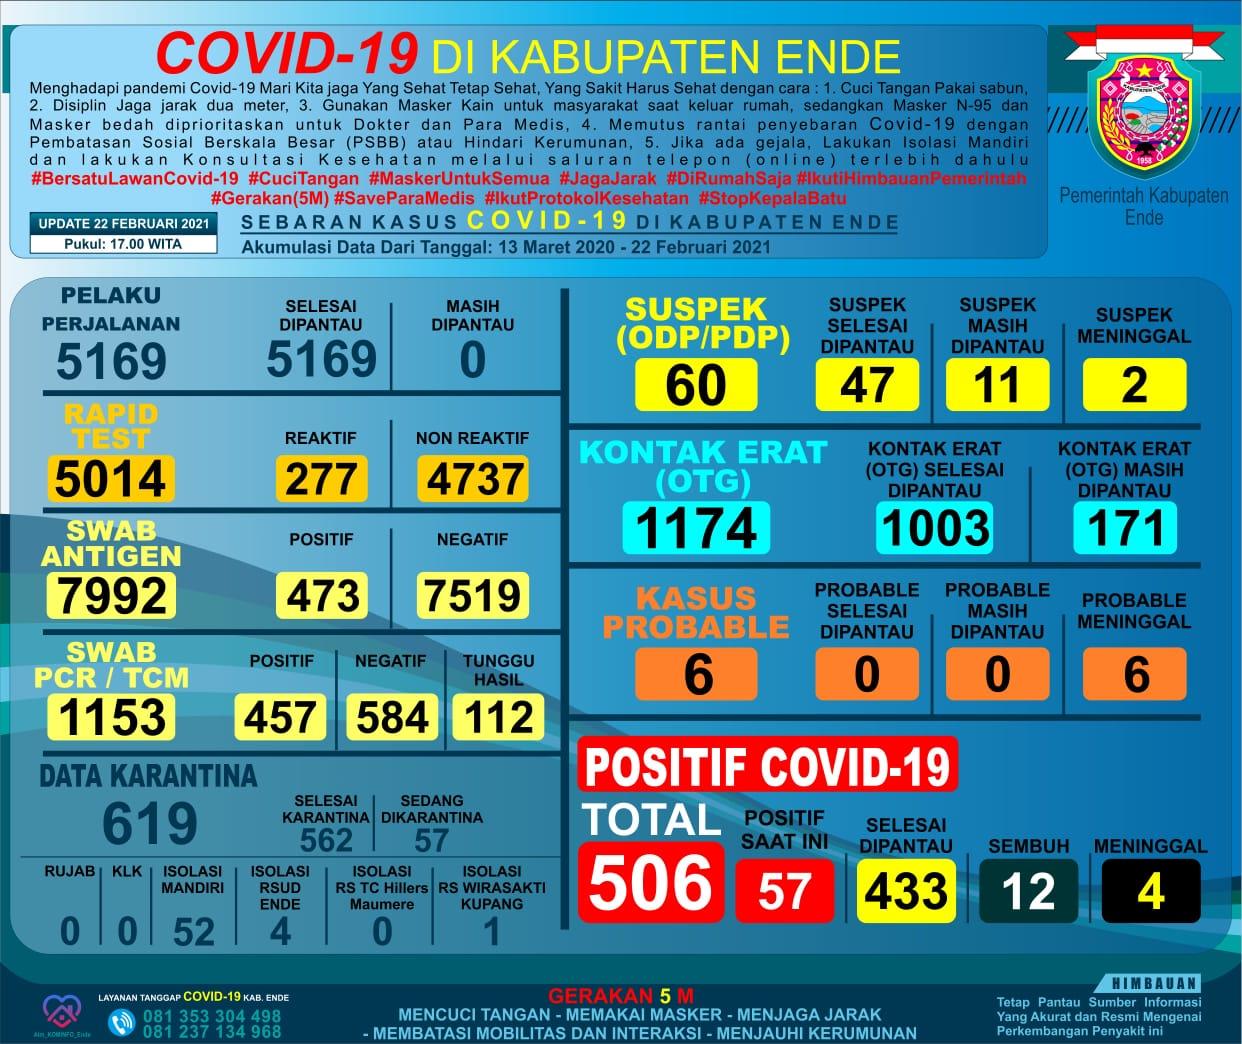 Covid-19 Ende